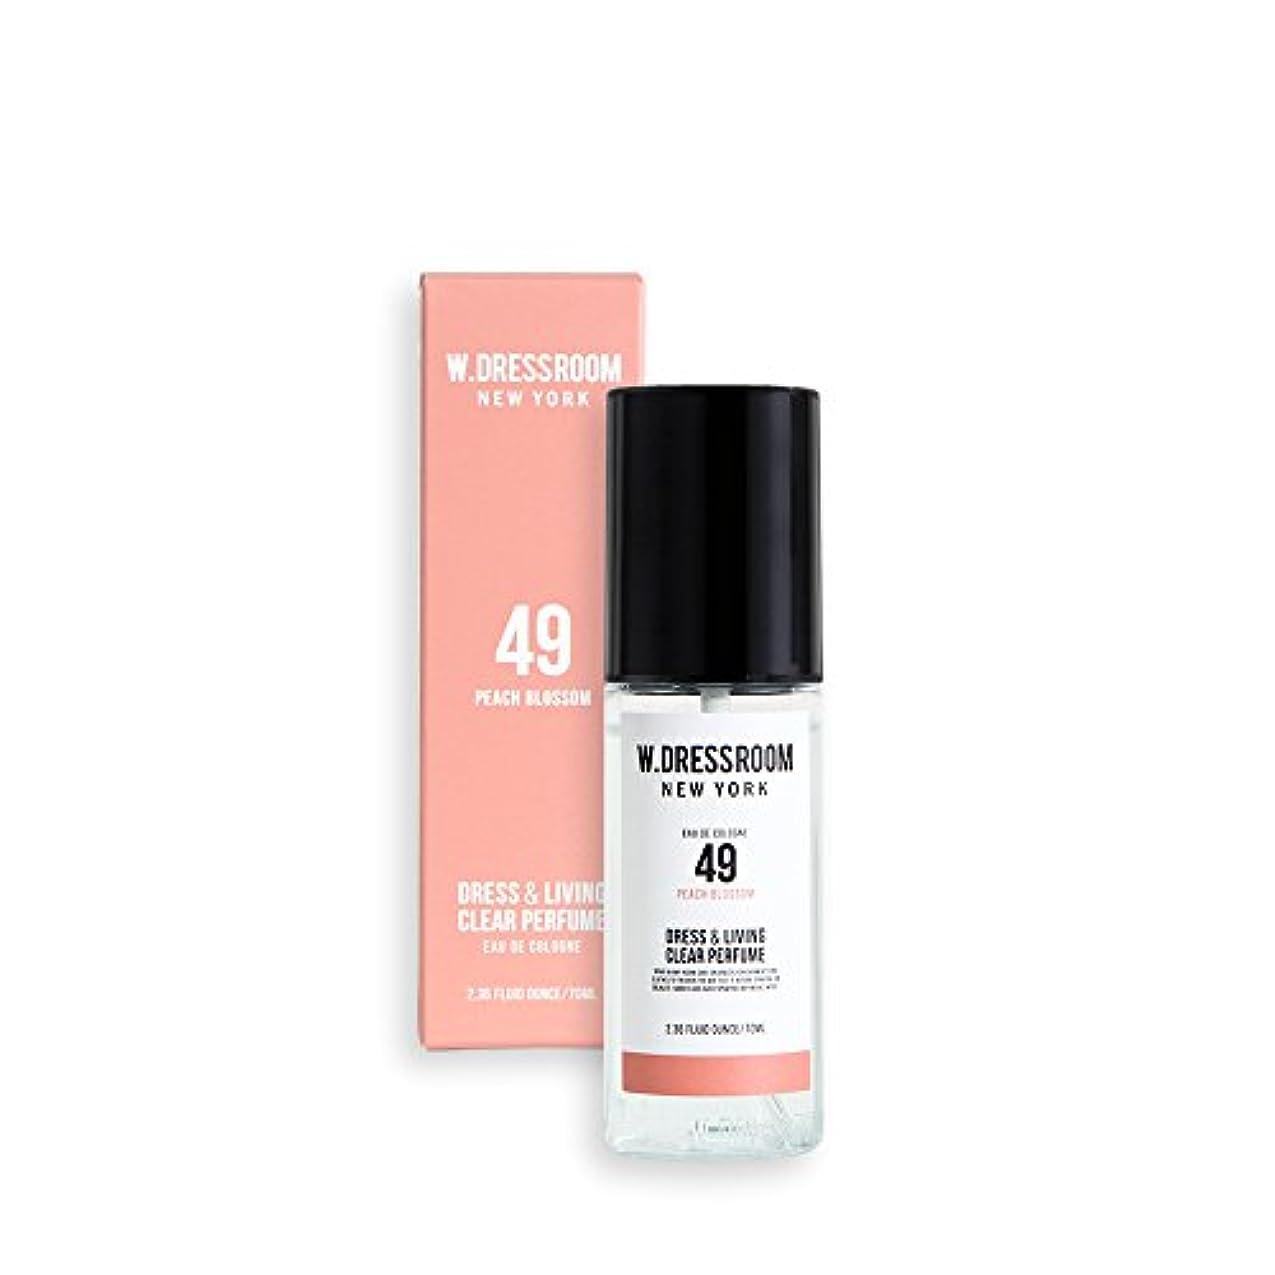 退化する商業の今日W.DRESSROOM Dress & Living Clear Perfume 70ml (#No.49 Peach Blossom)/ダブルドレスルーム ドレス&リビング クリア パフューム 70ml (#No.49...